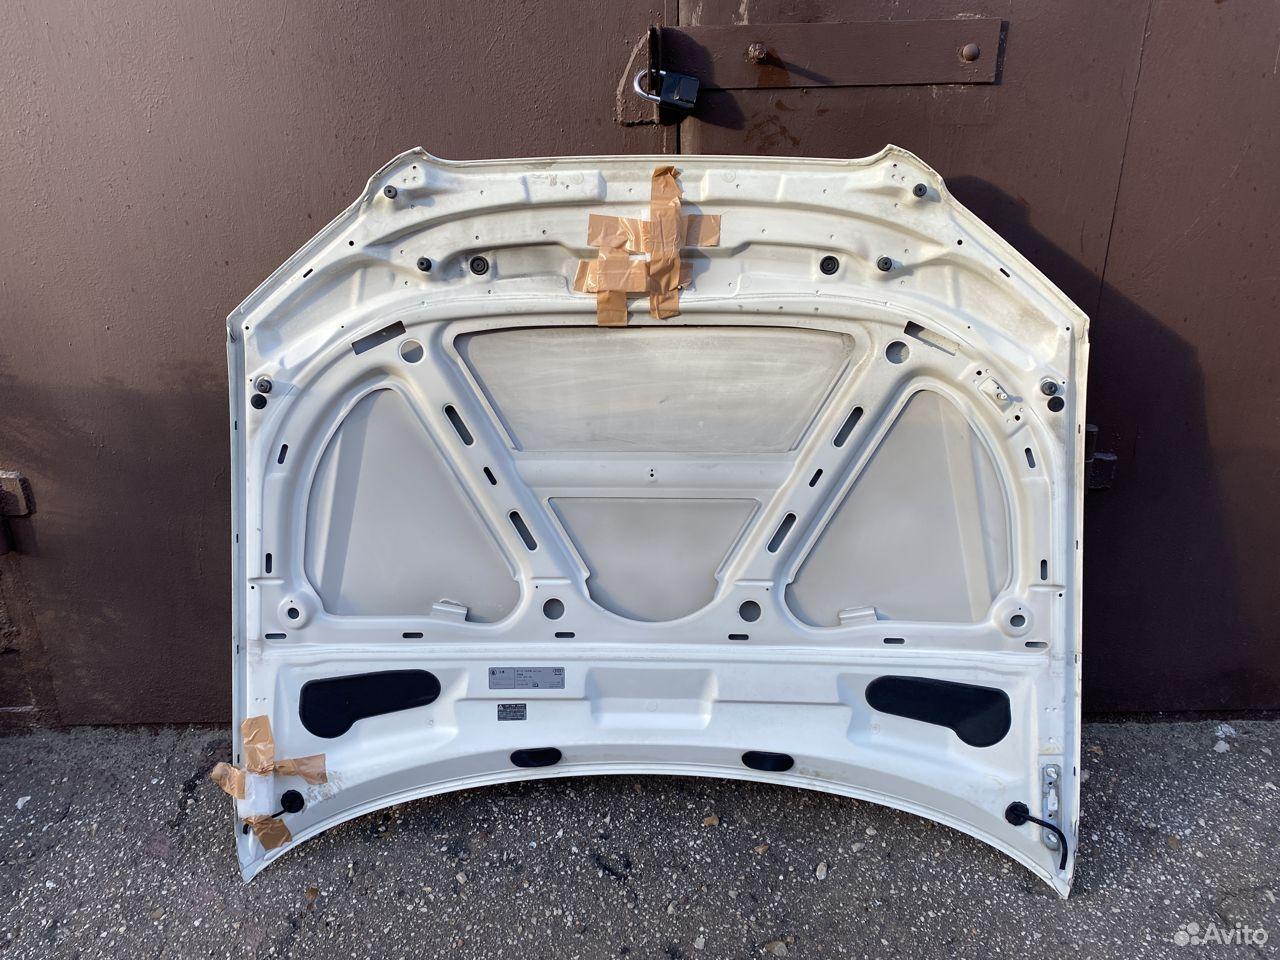 Капот белый Audi A4 B7  89534684247 купить 4